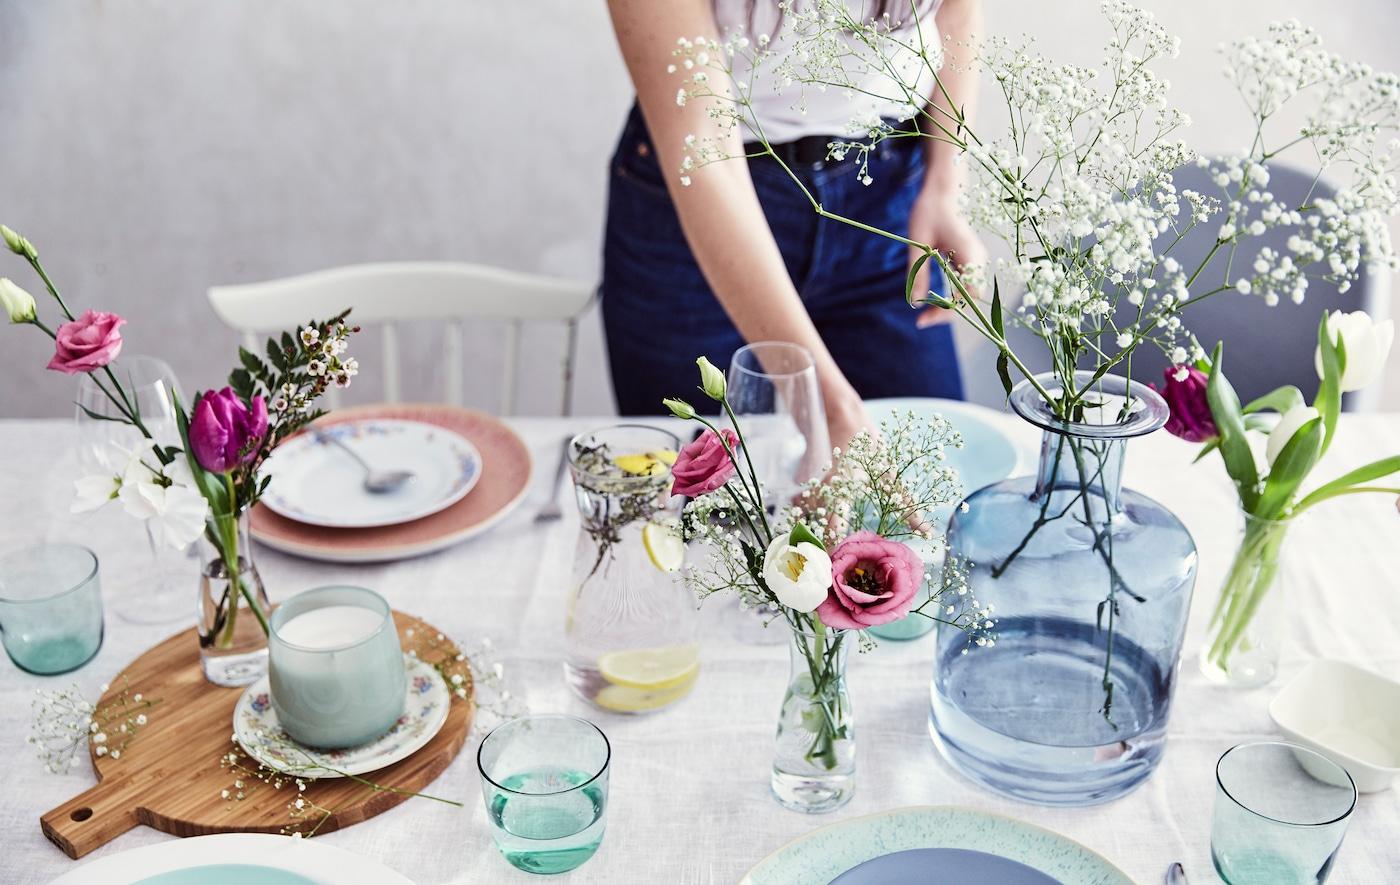 Sto postavljen uz posuđe pastelnih boja i sveže cveće u staklenim vazama različitih oblika i veličina, s drvenom daskom i pamučnim stolnjakom.